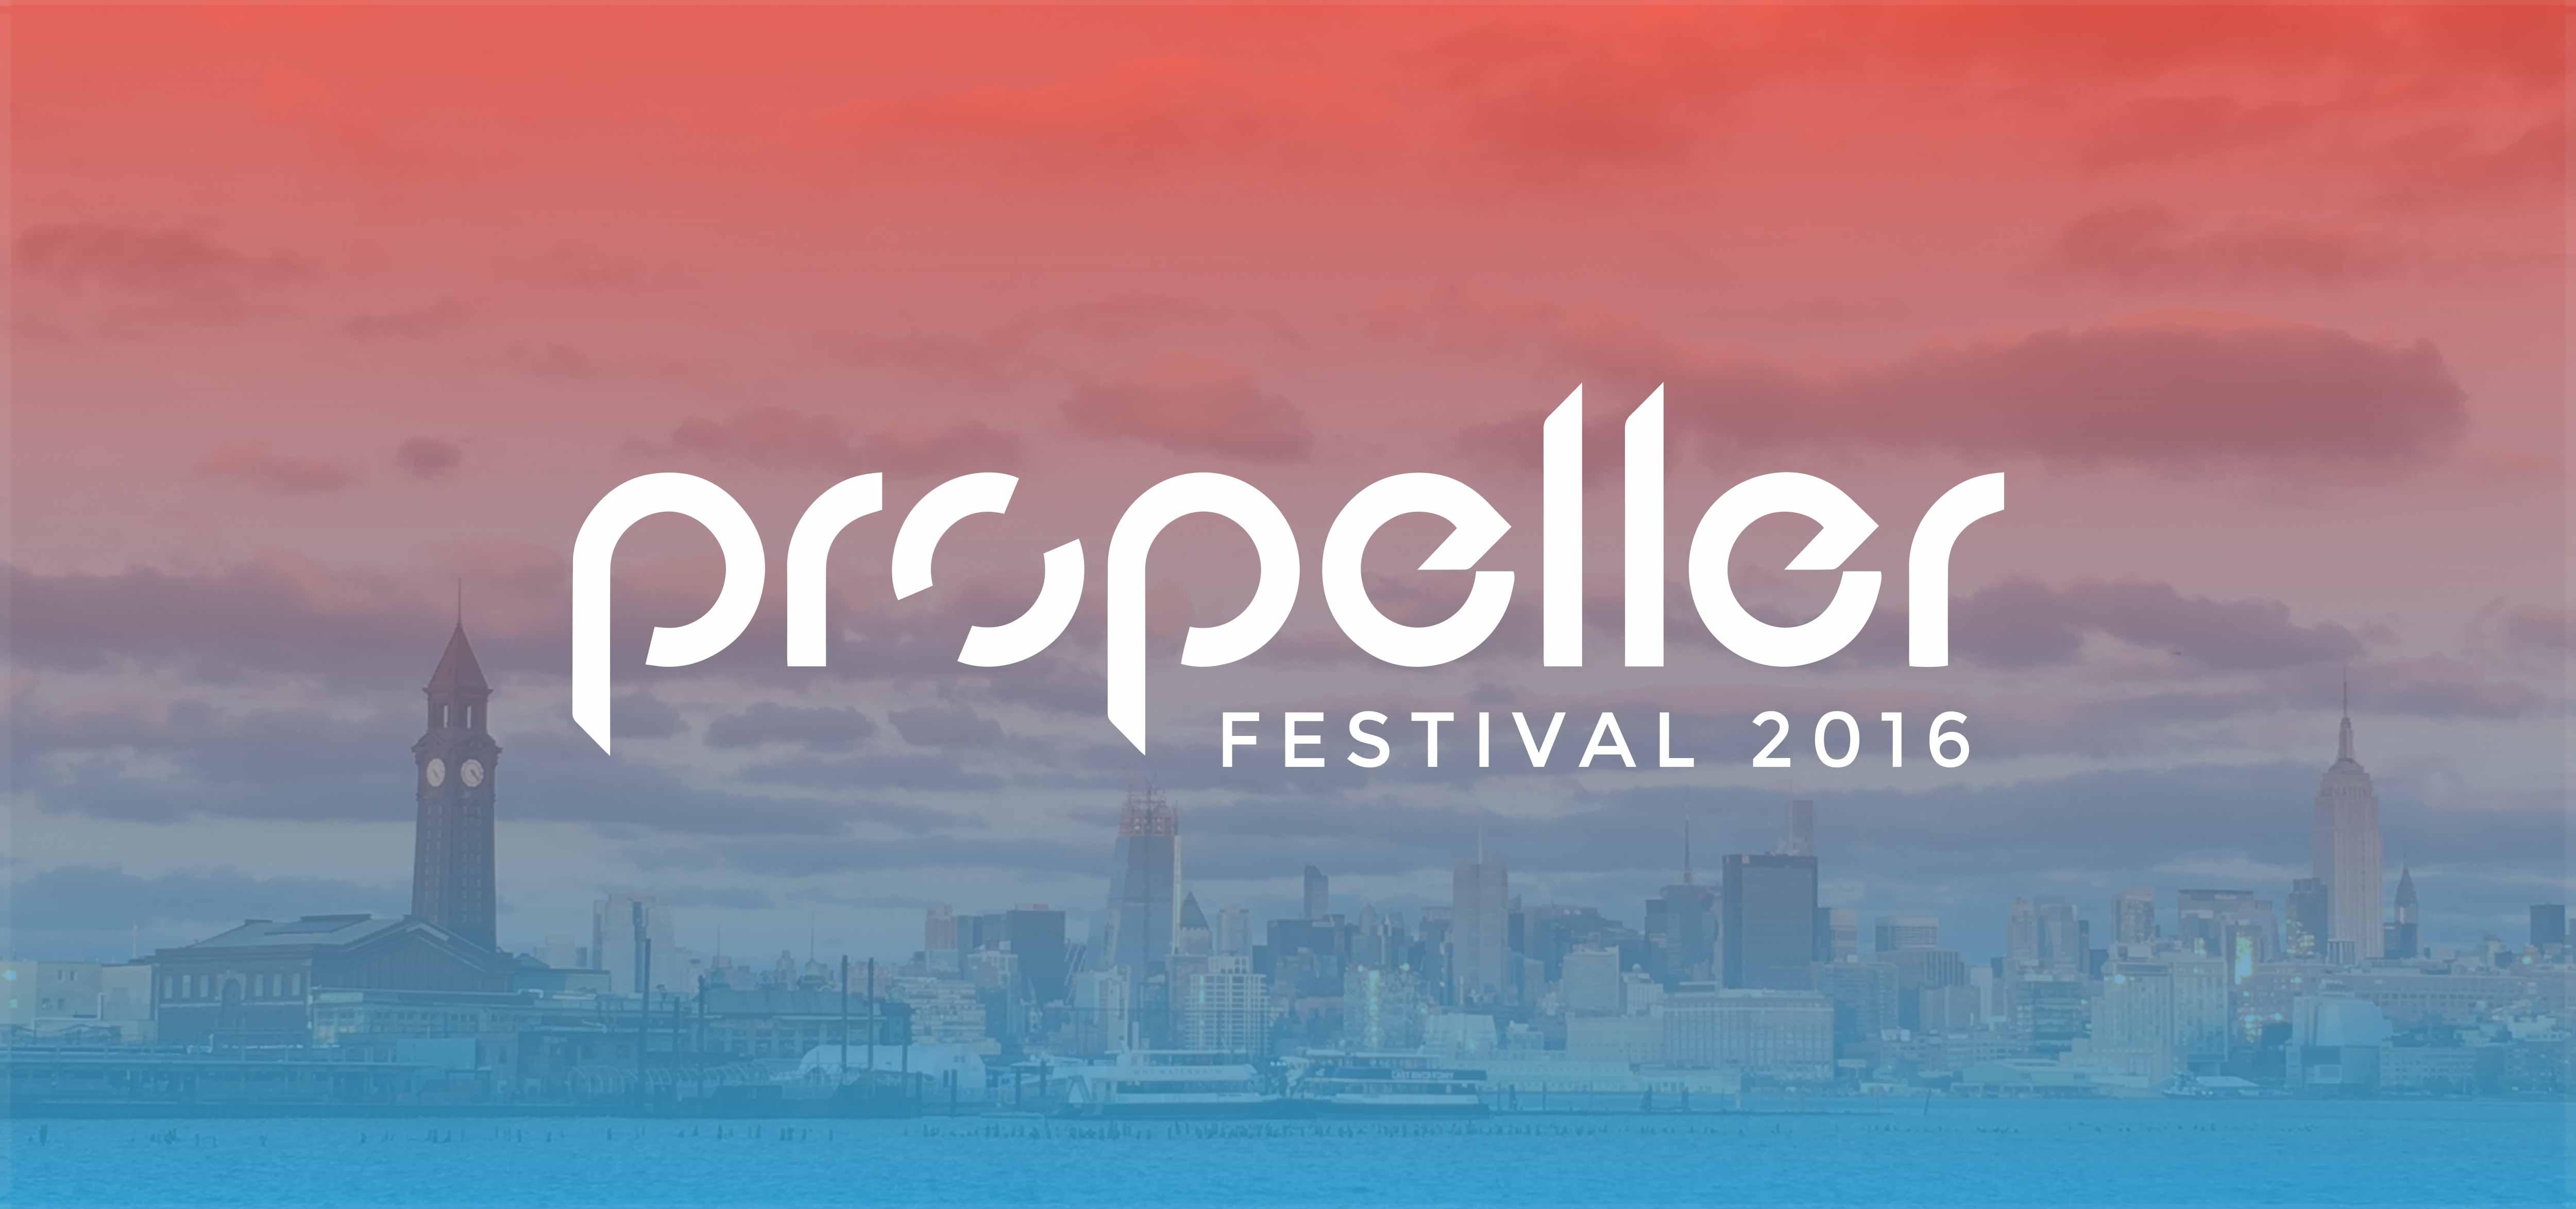 Propeller festival logo over a photo of the skyline of Hoboken.